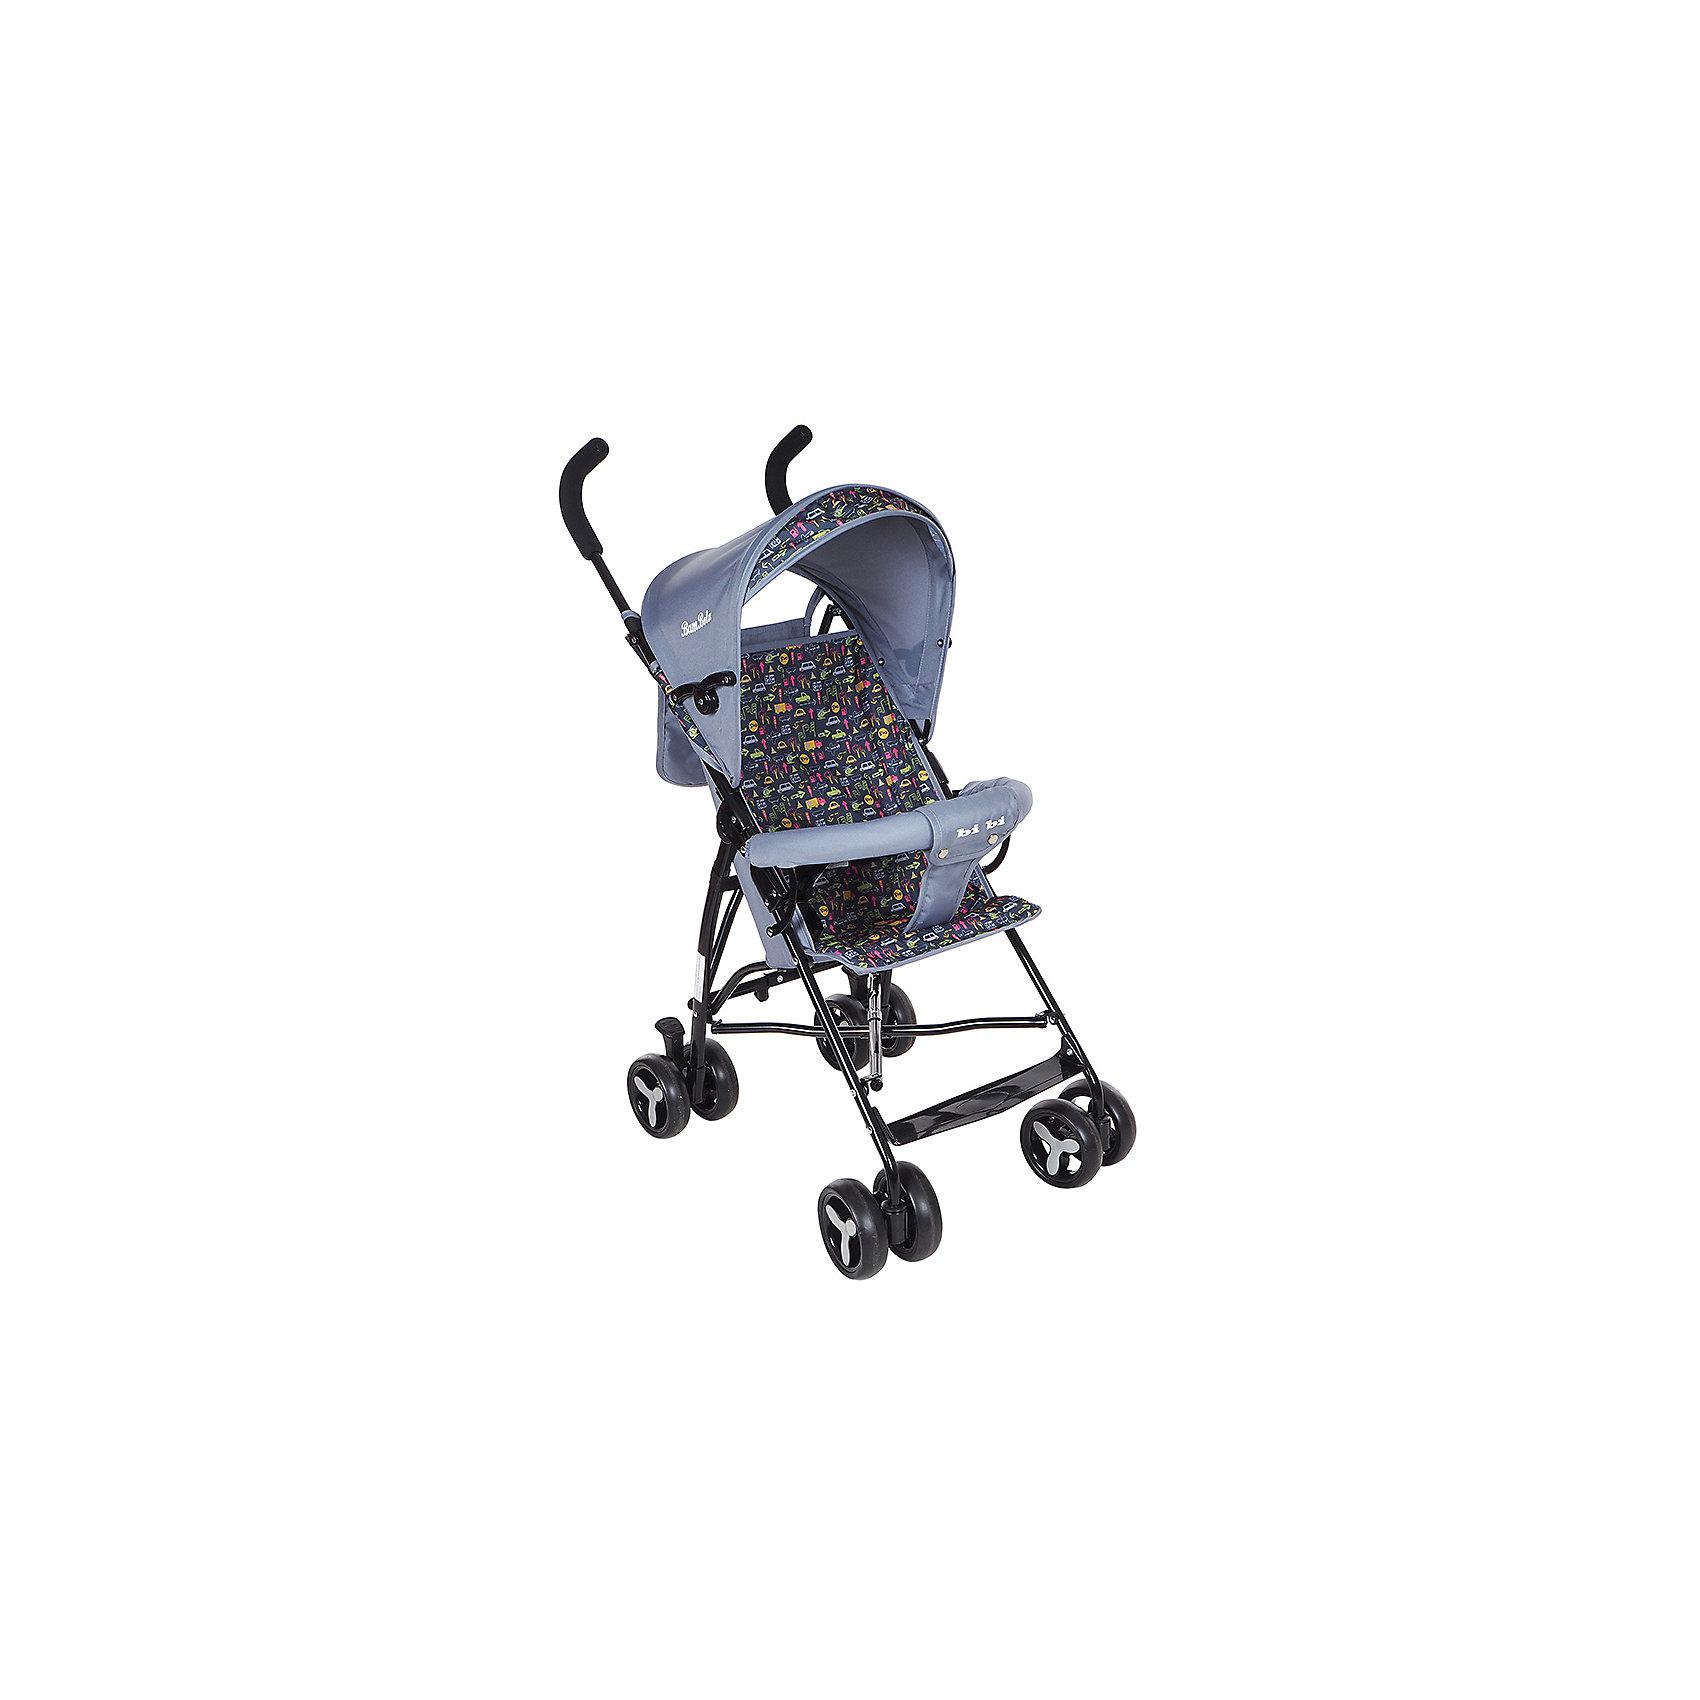 Коляска-трость Bambola BI-BI, темно-серыйНедорогие коляски<br>Характеристики коляски-трости Bambola BI-BI<br><br>Прогулочный блок:<br><br>• спинка коляски находится в фиксированном положении: сидя;<br>• подножка находится в фиксированном положении;<br>• страховочный бампер фиксирован;<br>• имеется капюшон с солнцезащитным козырьком;<br>• 3-х точечные ремни безопасности.<br><br>Шасси коляски:<br><br>• сдвоенные колеса, ножной тормоз;<br>• диаметр колес: 15,5 см;<br>• дополнительная пластиковая гибкая подножка для подросшего малыша;<br>• механизм складывания: трость;<br>• материал: алюминий, пластик, полиэстер.<br><br>Размер коляски: 80х48х110 см<br>Размер коляски в сложенном виде: 30х40х104 см<br>Вес коляски: 5 кг<br>Вес упаковки: 5,13 кг<br><br>Коляску-трость BI-BI, Bambola, цвет темно-серый можно купить в нашем интернет-магазине.<br><br>Ширина мм: 300<br>Глубина мм: 400<br>Высота мм: 1040<br>Вес г: 5130<br>Возраст от месяцев: 8<br>Возраст до месяцев: 36<br>Пол: Унисекс<br>Возраст: Детский<br>SKU: 5559176